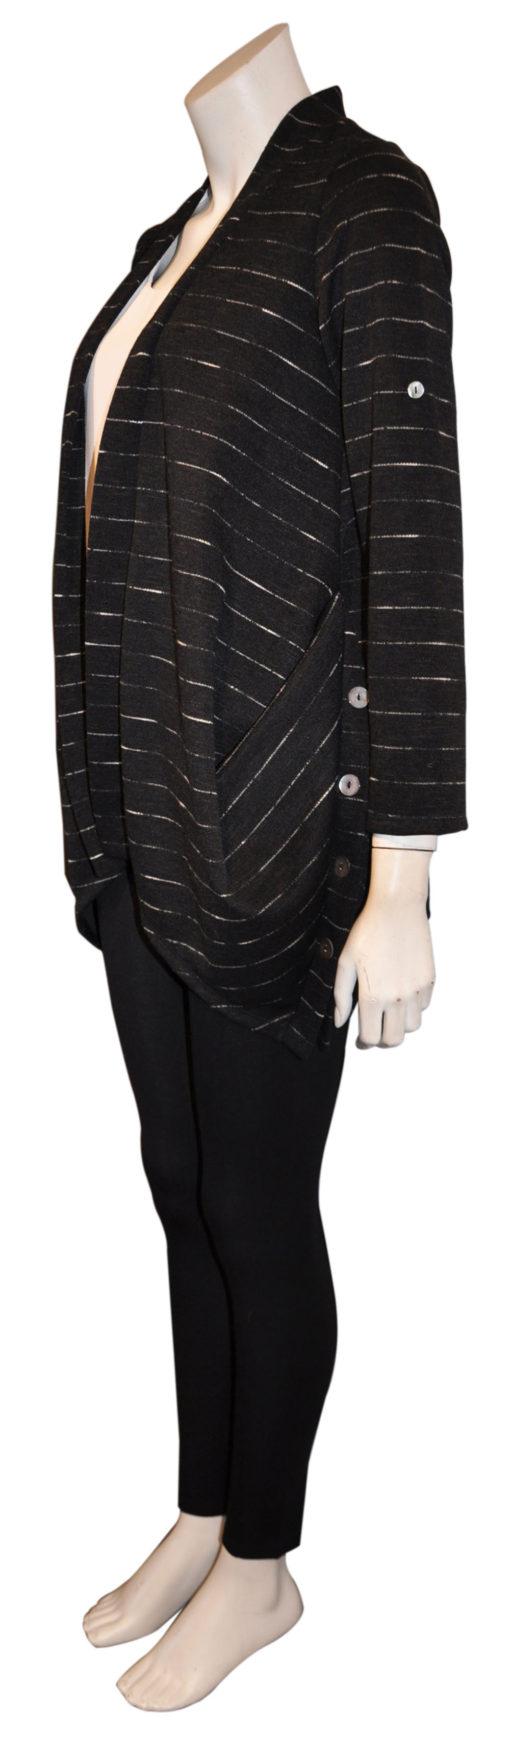 black open cardigan sweater- side